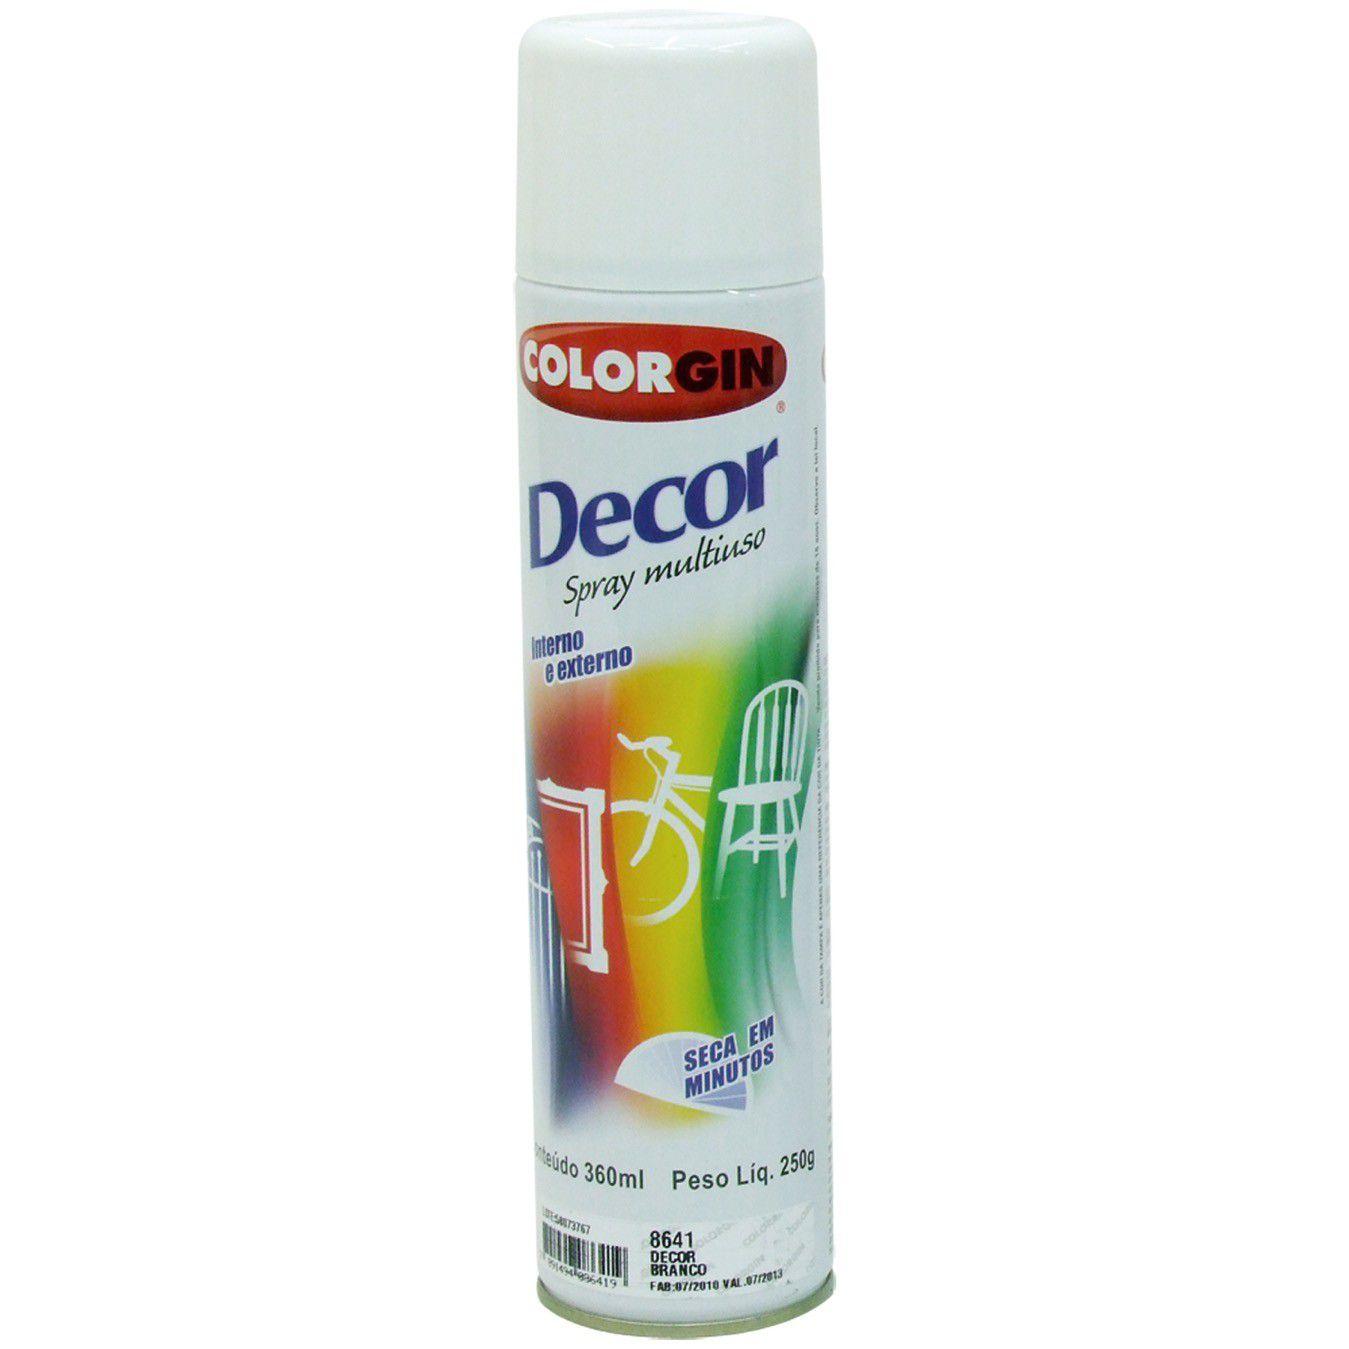 Tinta Spray Colorgin Decor Branco 360Ml #A Ref 864 com 6 un.